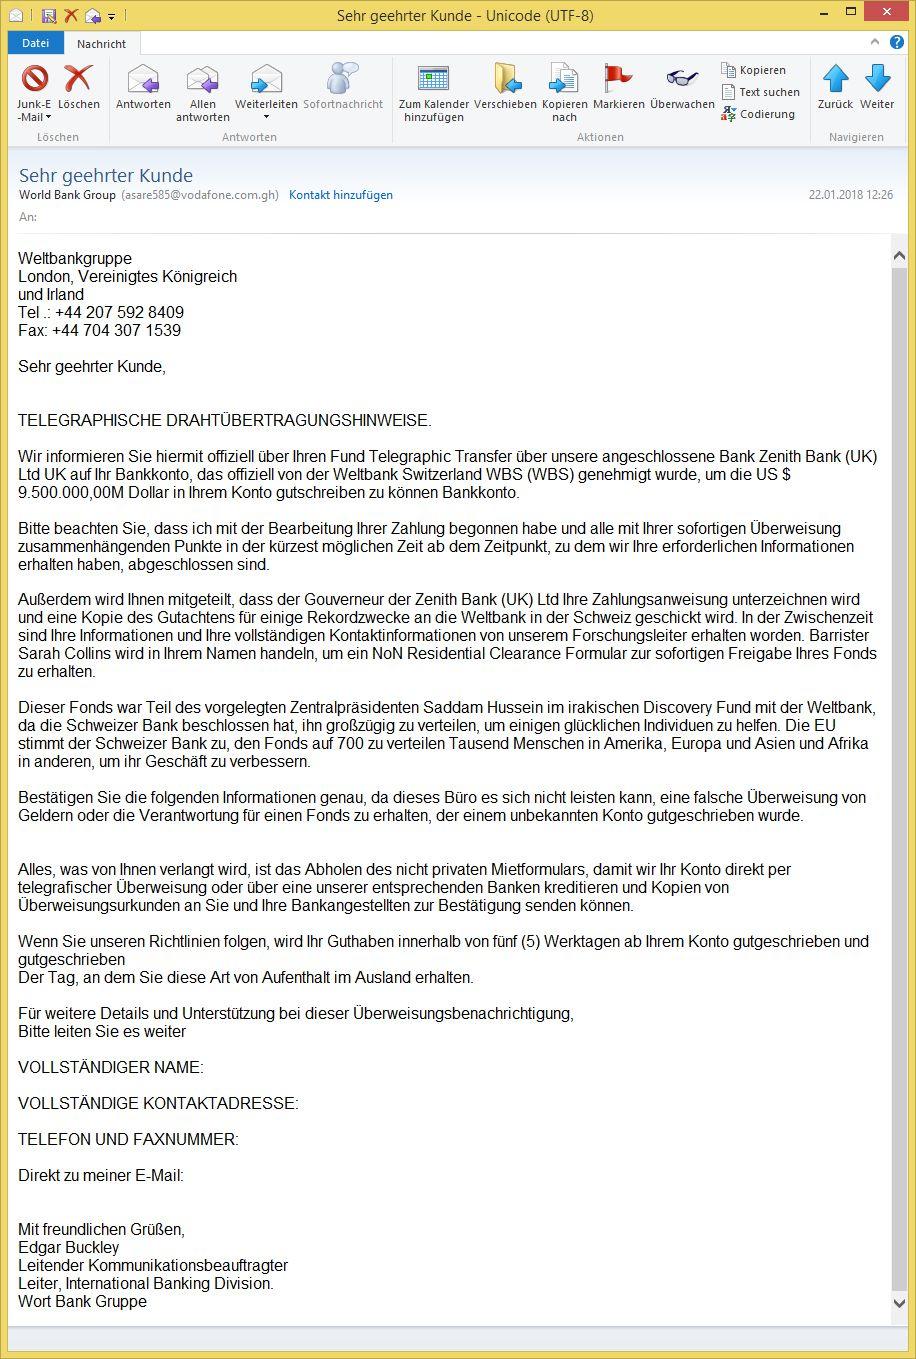 Sehr Geehrter Kunde Von World Bank Group Asare585 Vodafone Com Gh